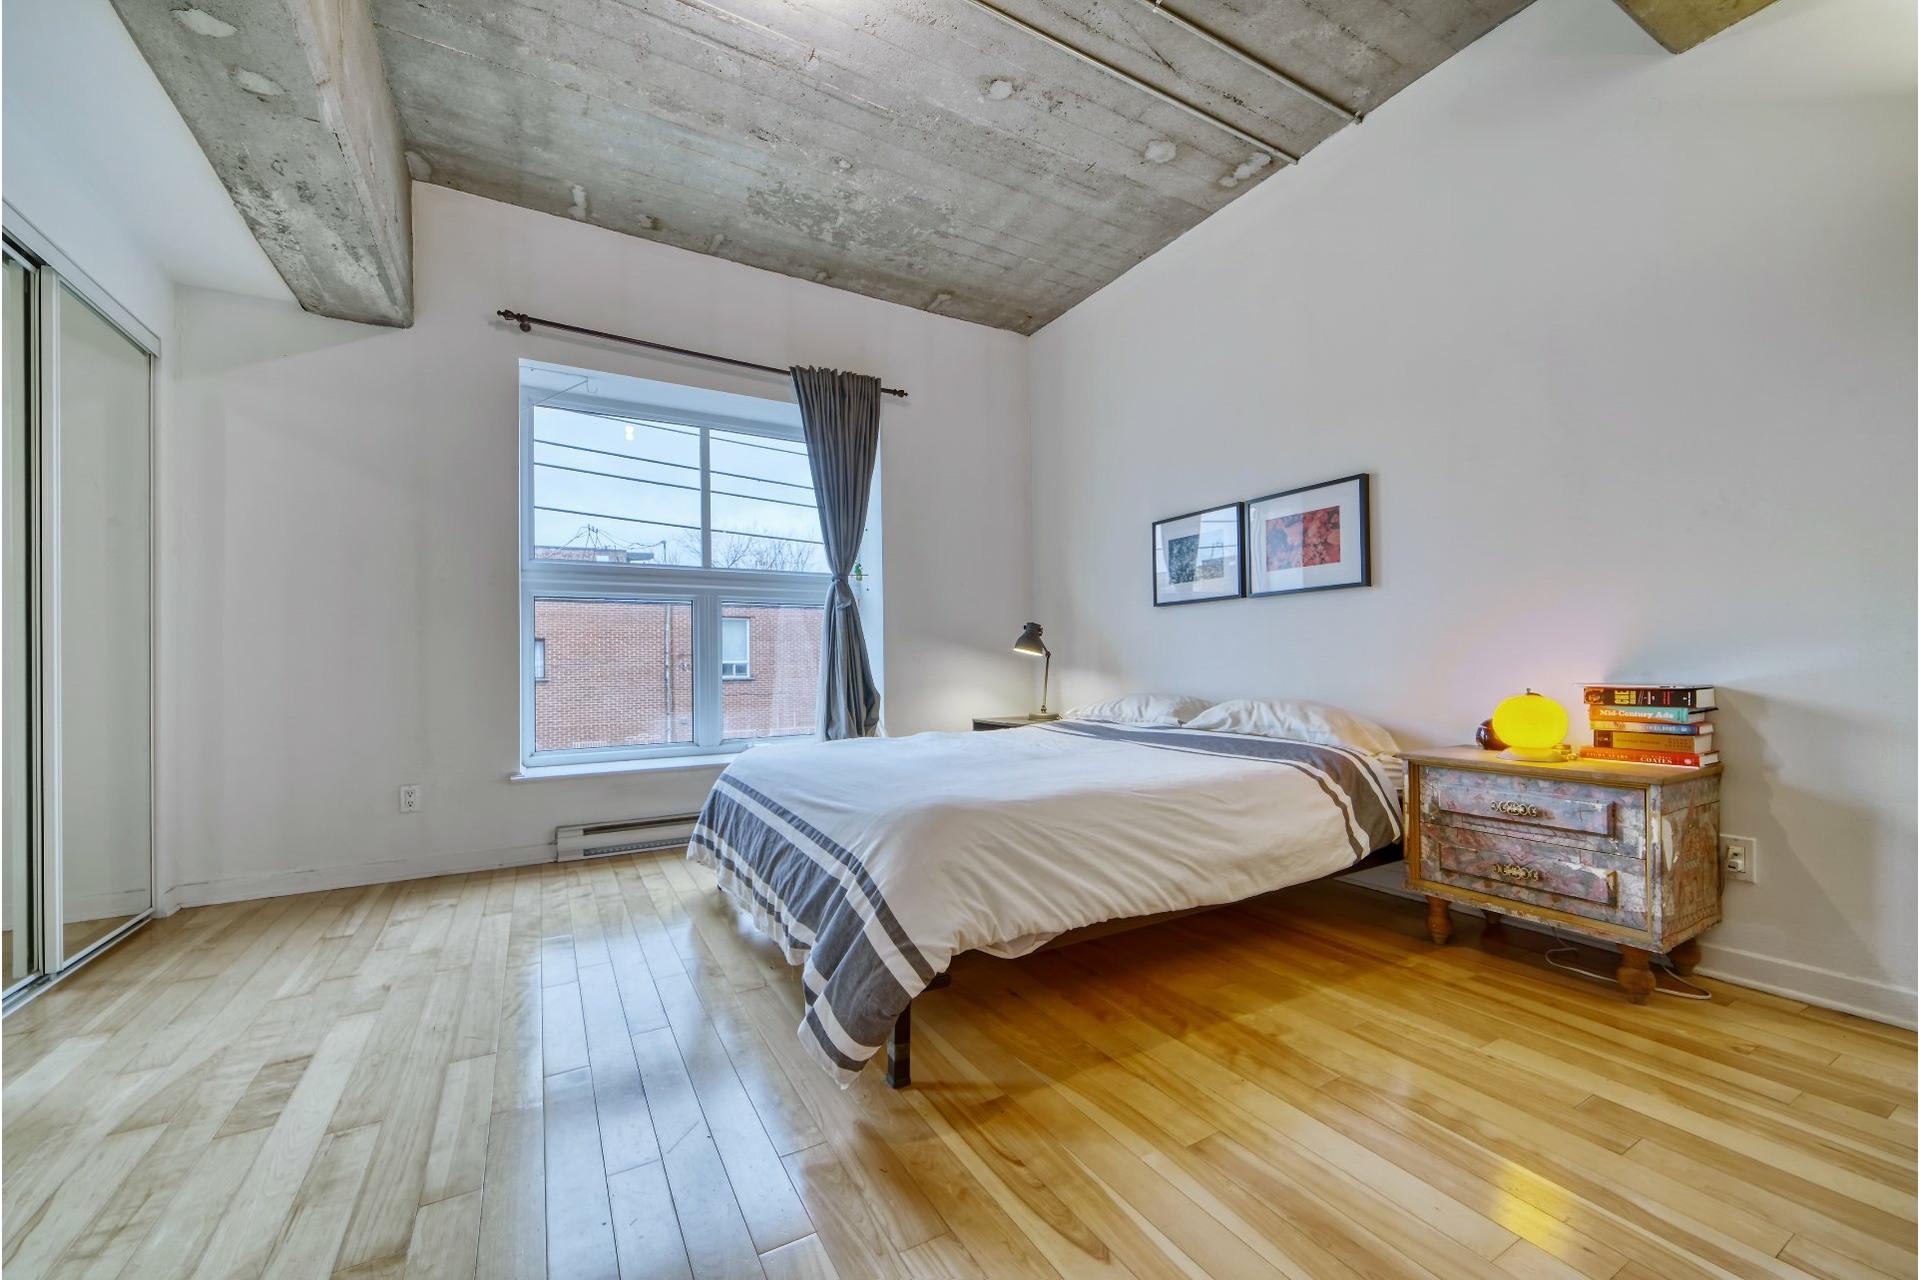 image 10 - Appartement À vendre Verdun/Île-des-Soeurs Montréal  - 3 pièces